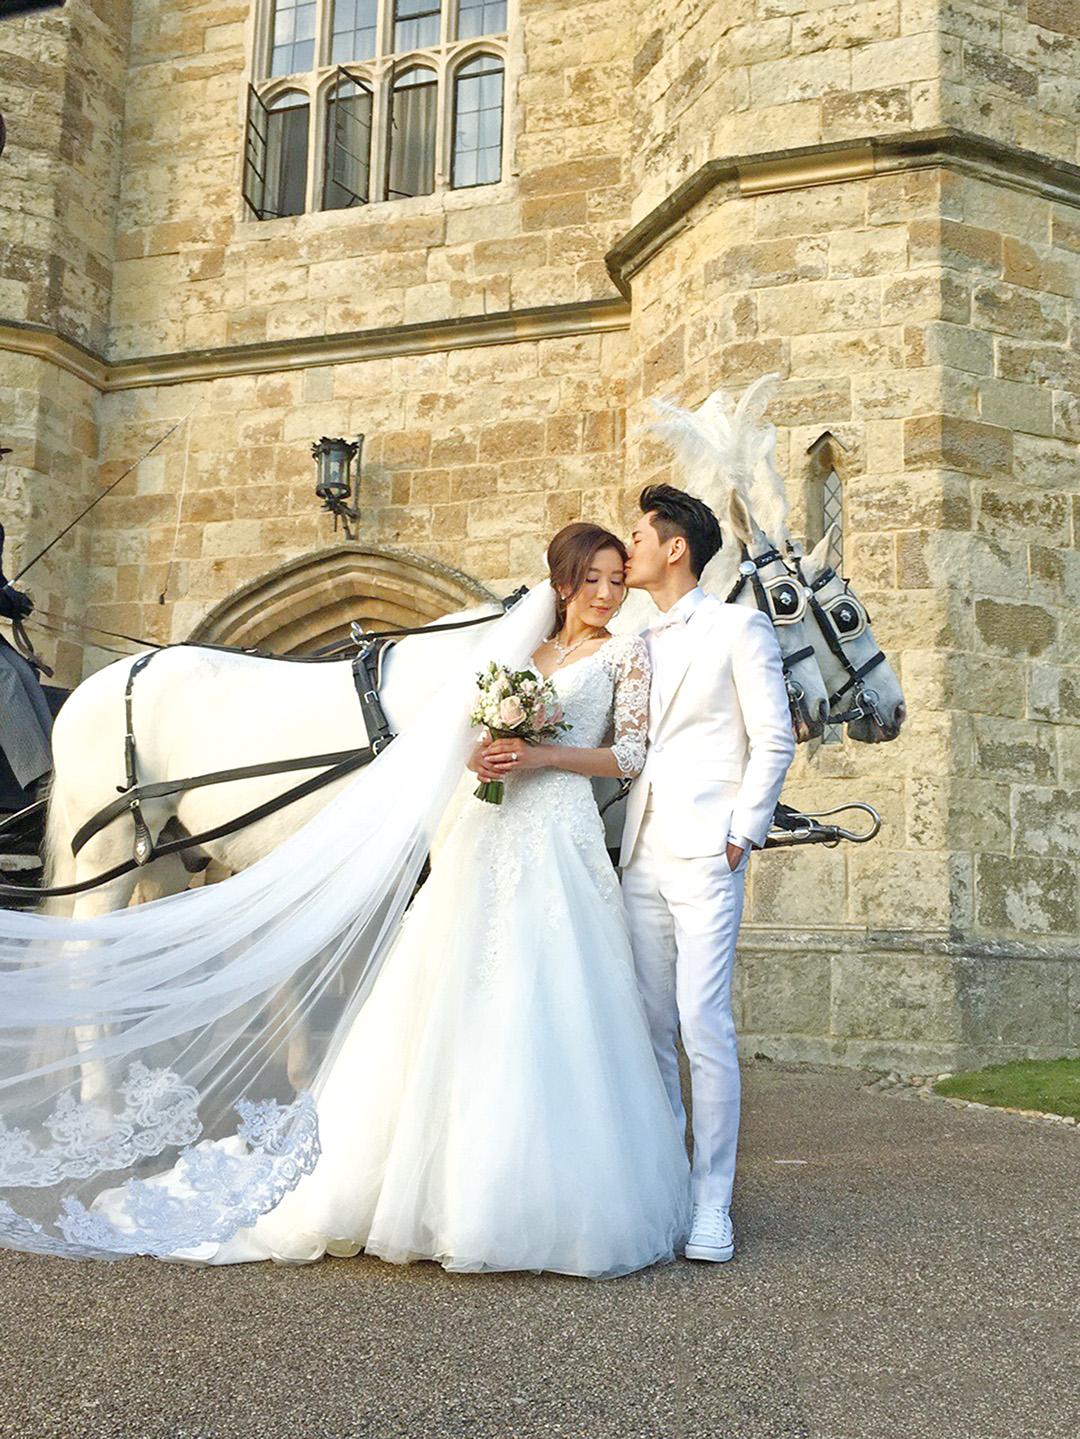 年尾補辦傳統婚禮